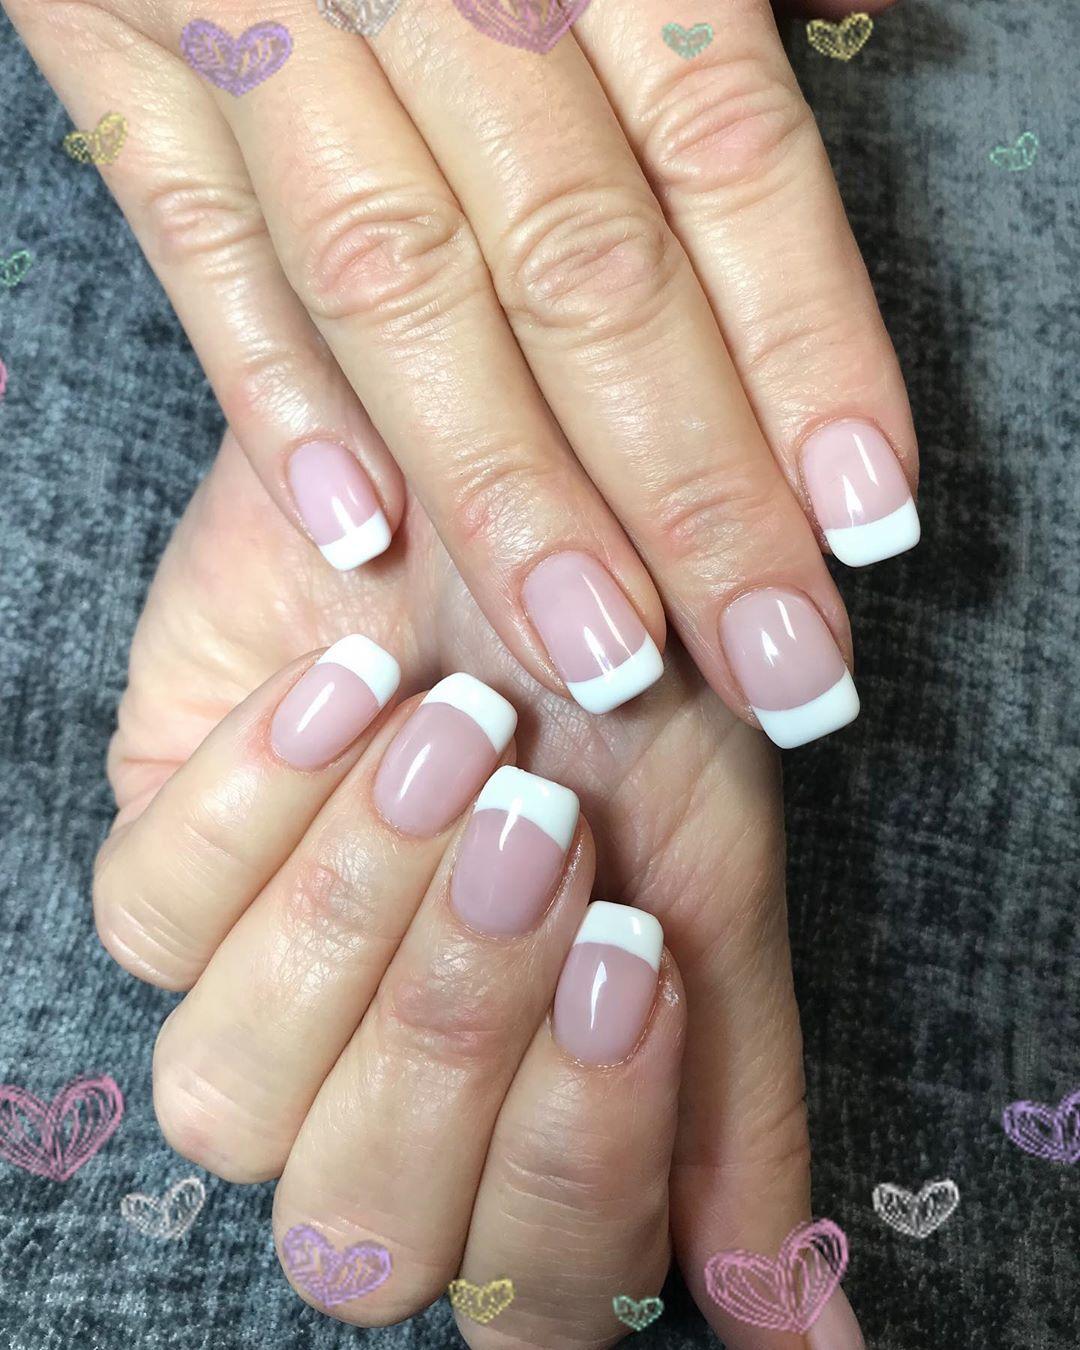 40+ Bubbly Pink Acrylic Nails